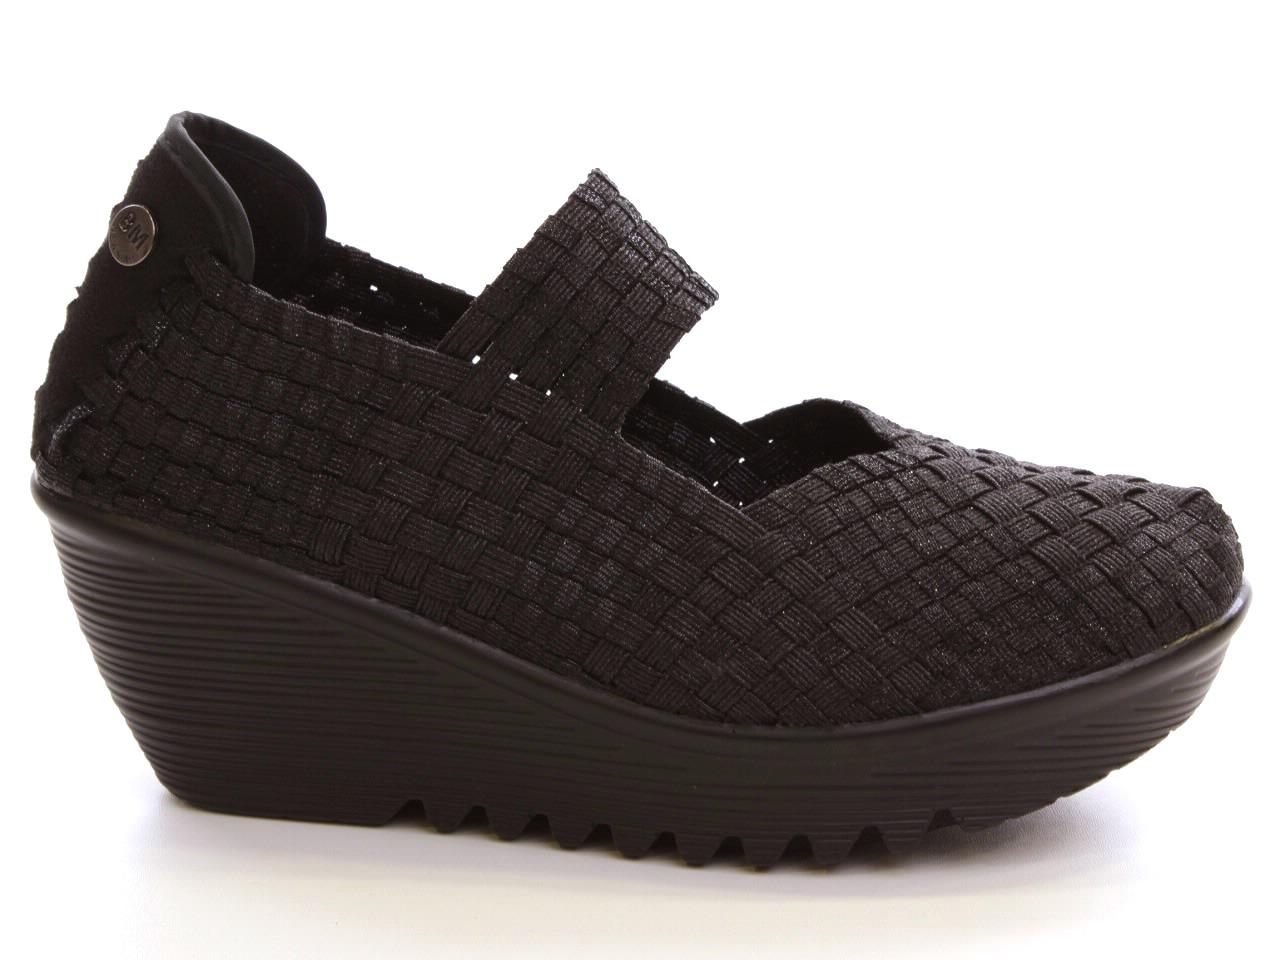 Chaussures à Talons Compensés Bernie Mev - 632 LULIA